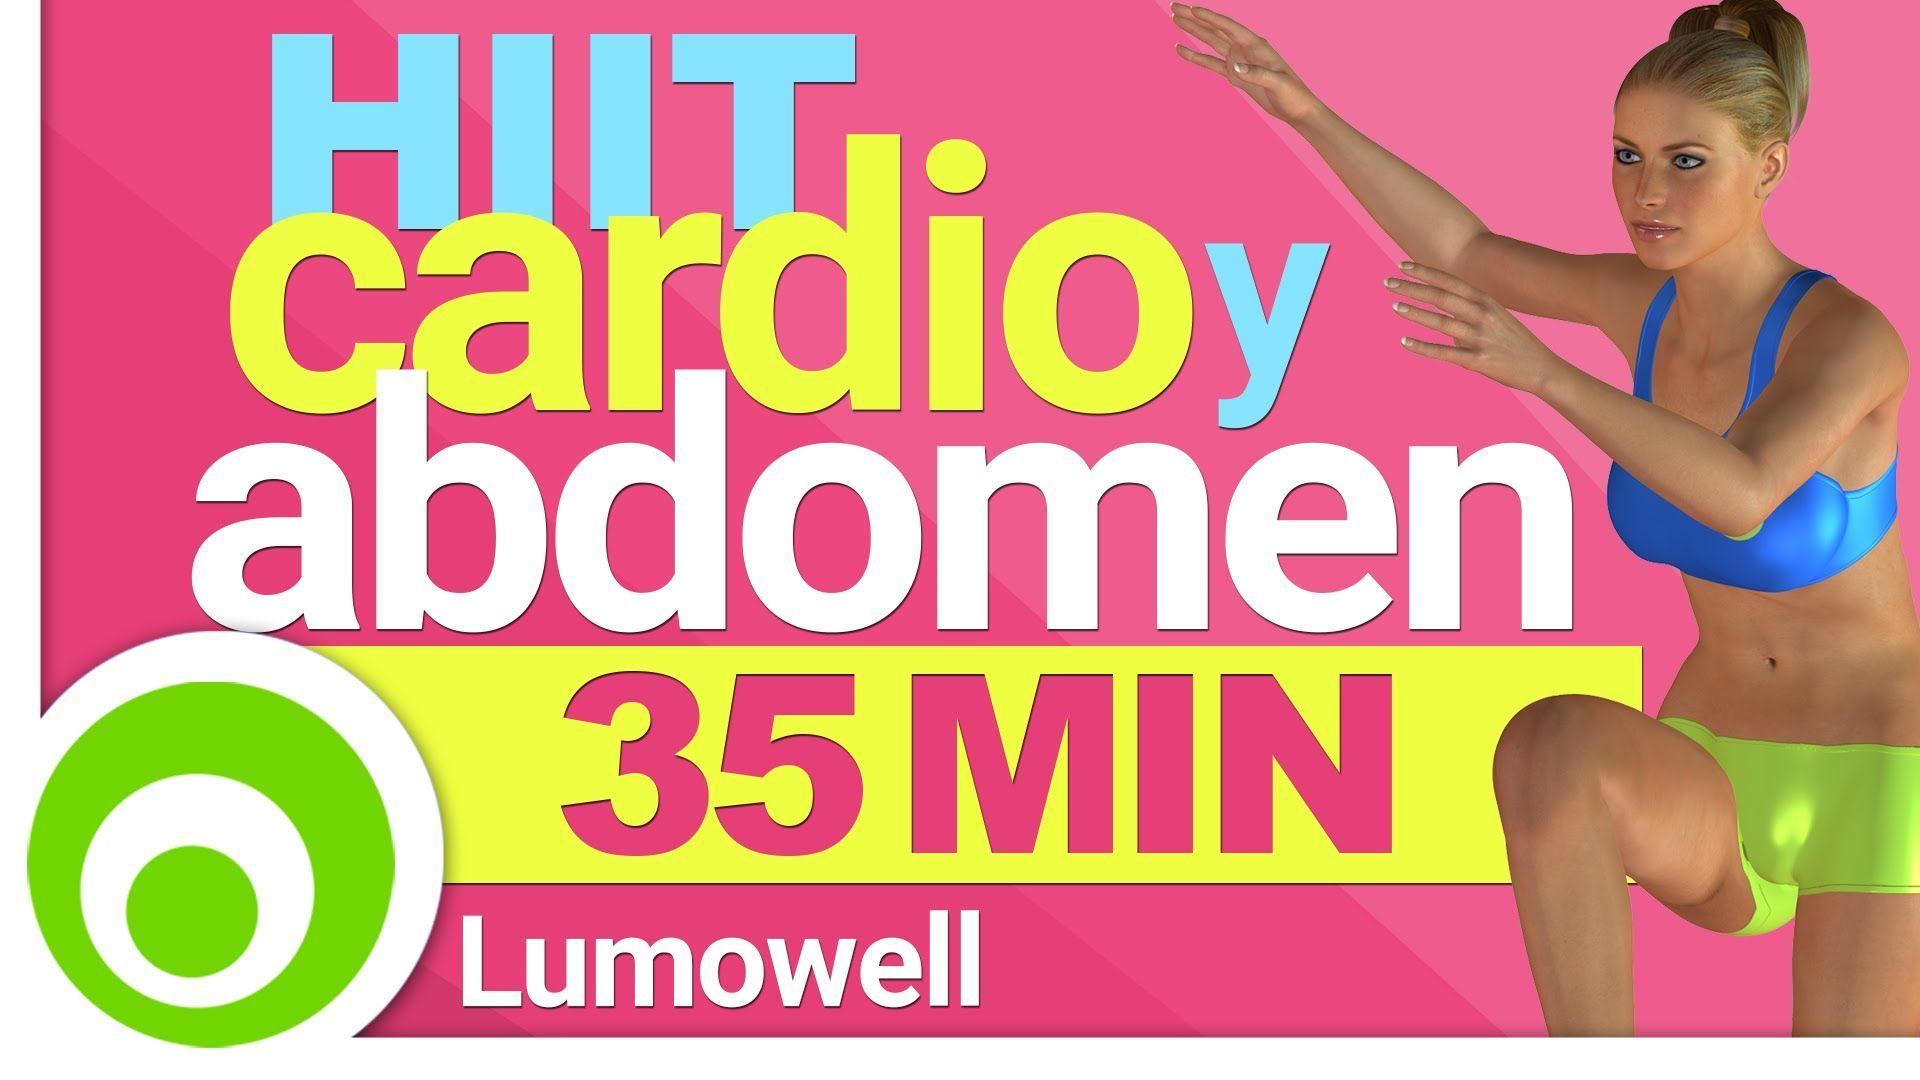 Circuito Hiit En Casa : Rutina de cardio hiit y abdomen en casa minutos de ejercicio